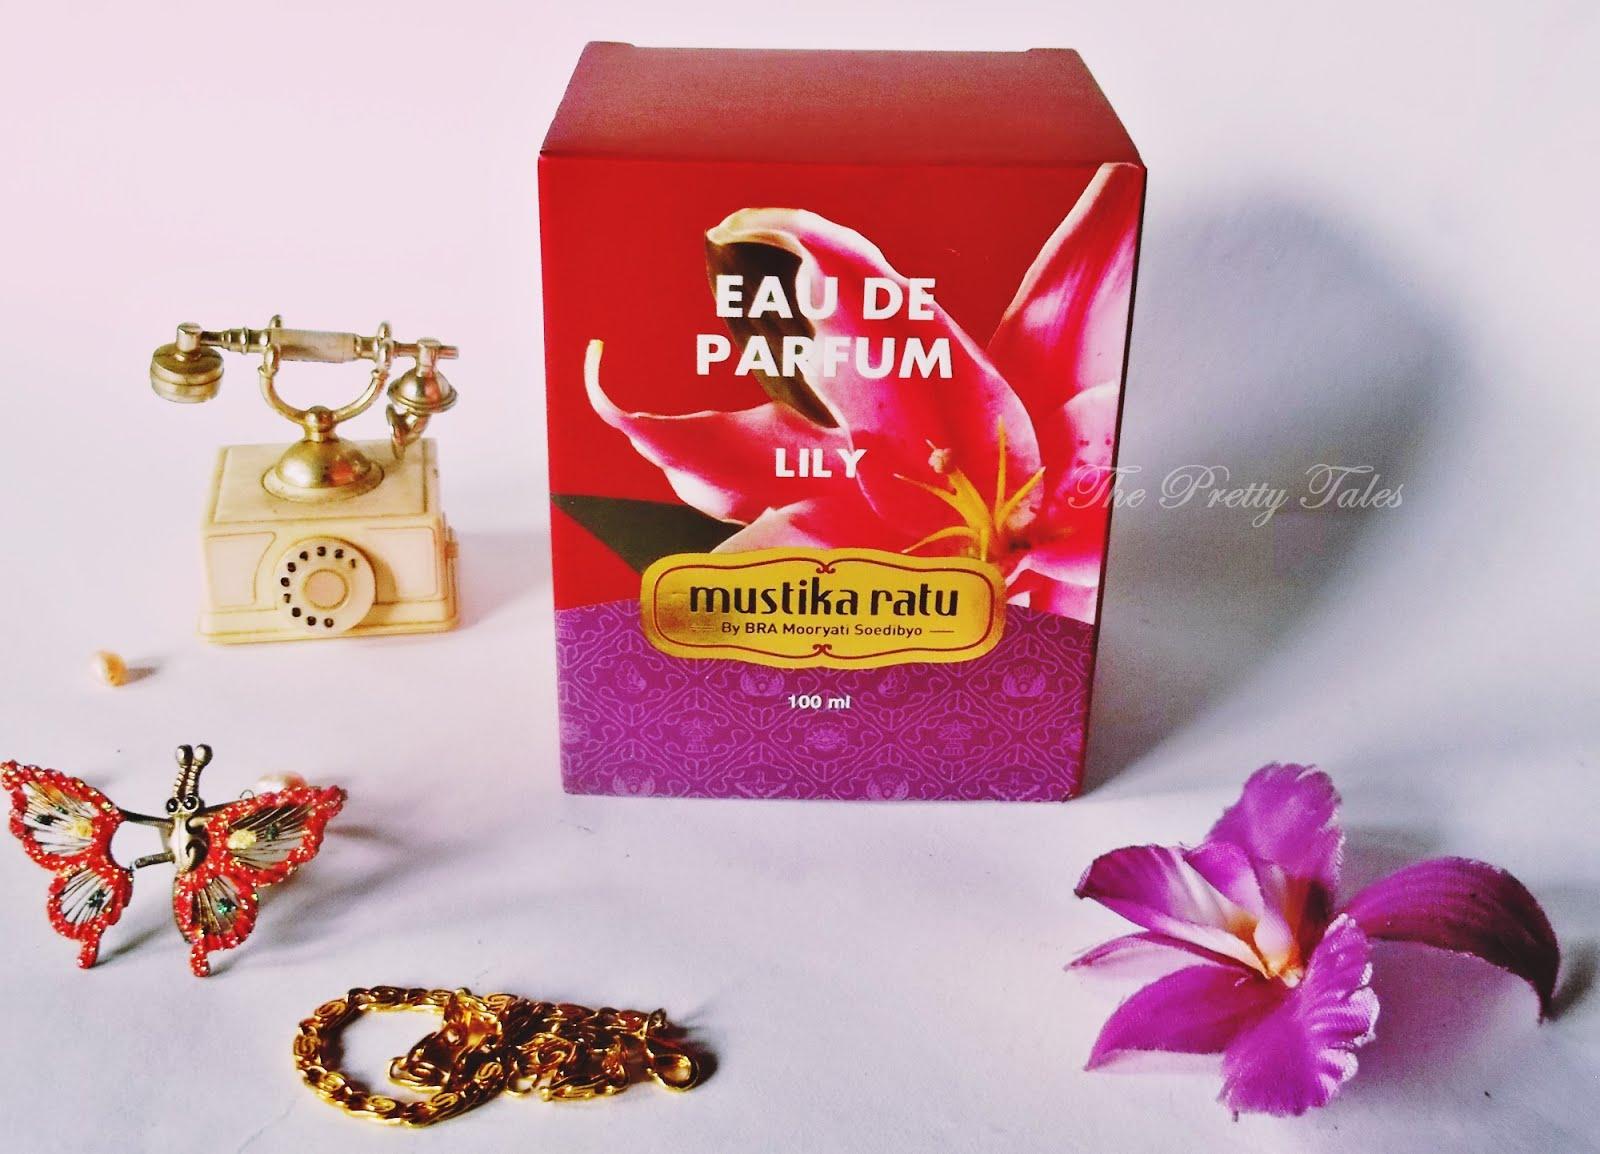 Mustika Ratu Eau De Parfum Lily Review The Pretty Tales Putri